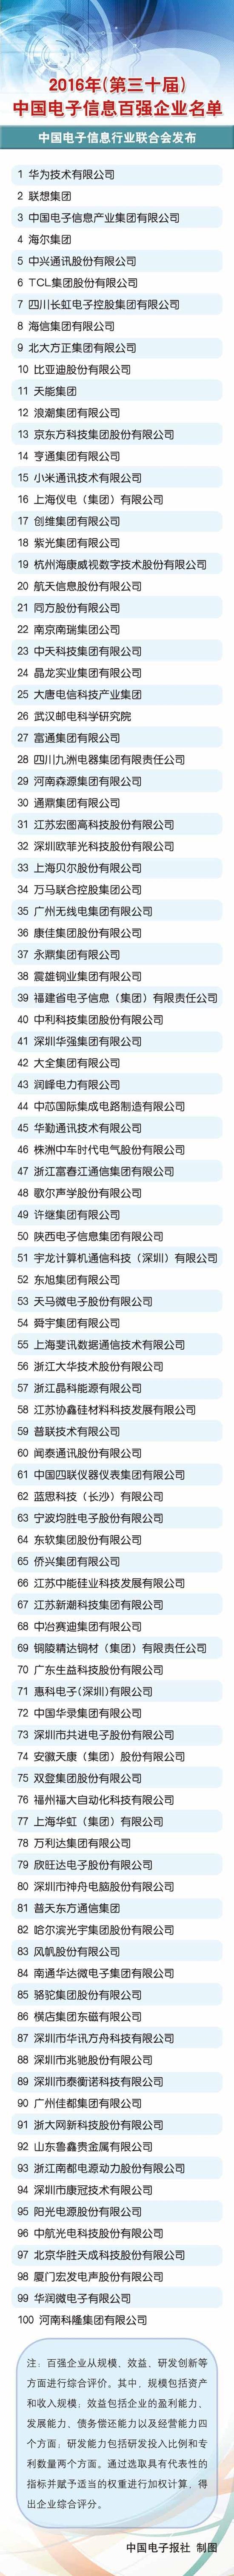 2016年中国电子信息百强企业出炉:华为居首